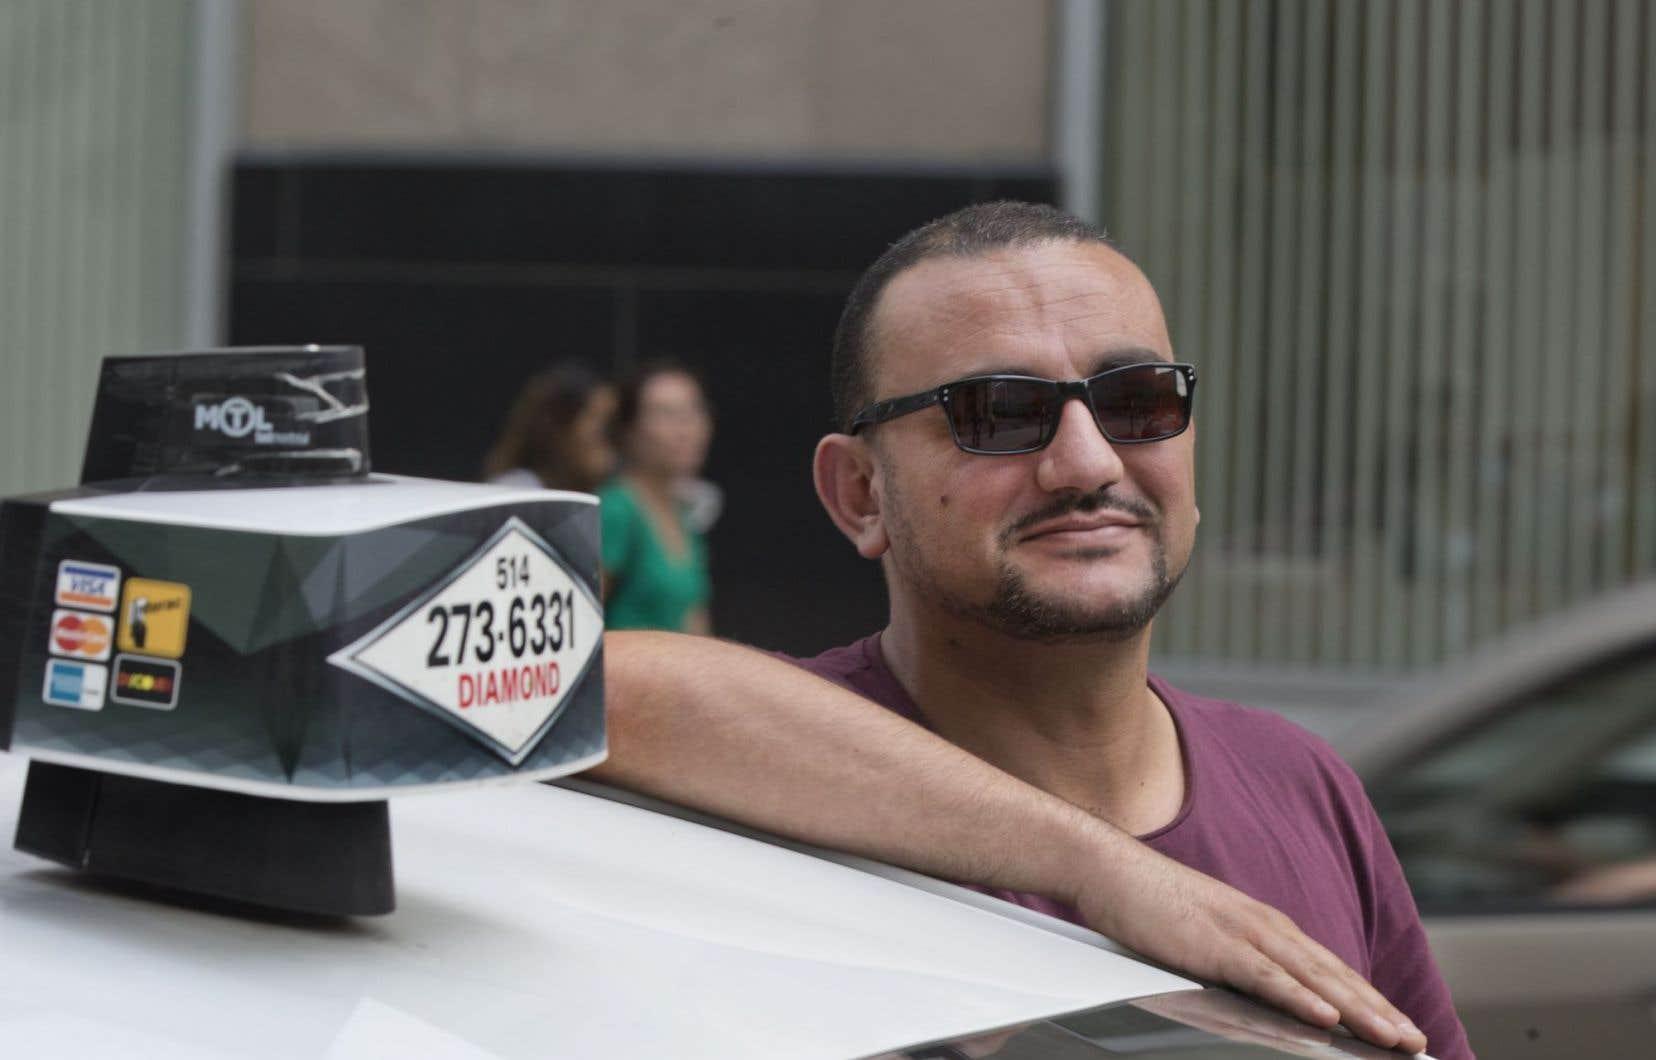 La compagnie Taxi Diamond, qui compte près de 2500 chauffeurs, devient la première au Québec à offrir une application dont les fonctionnalités sont semblables à celles d'Uber.